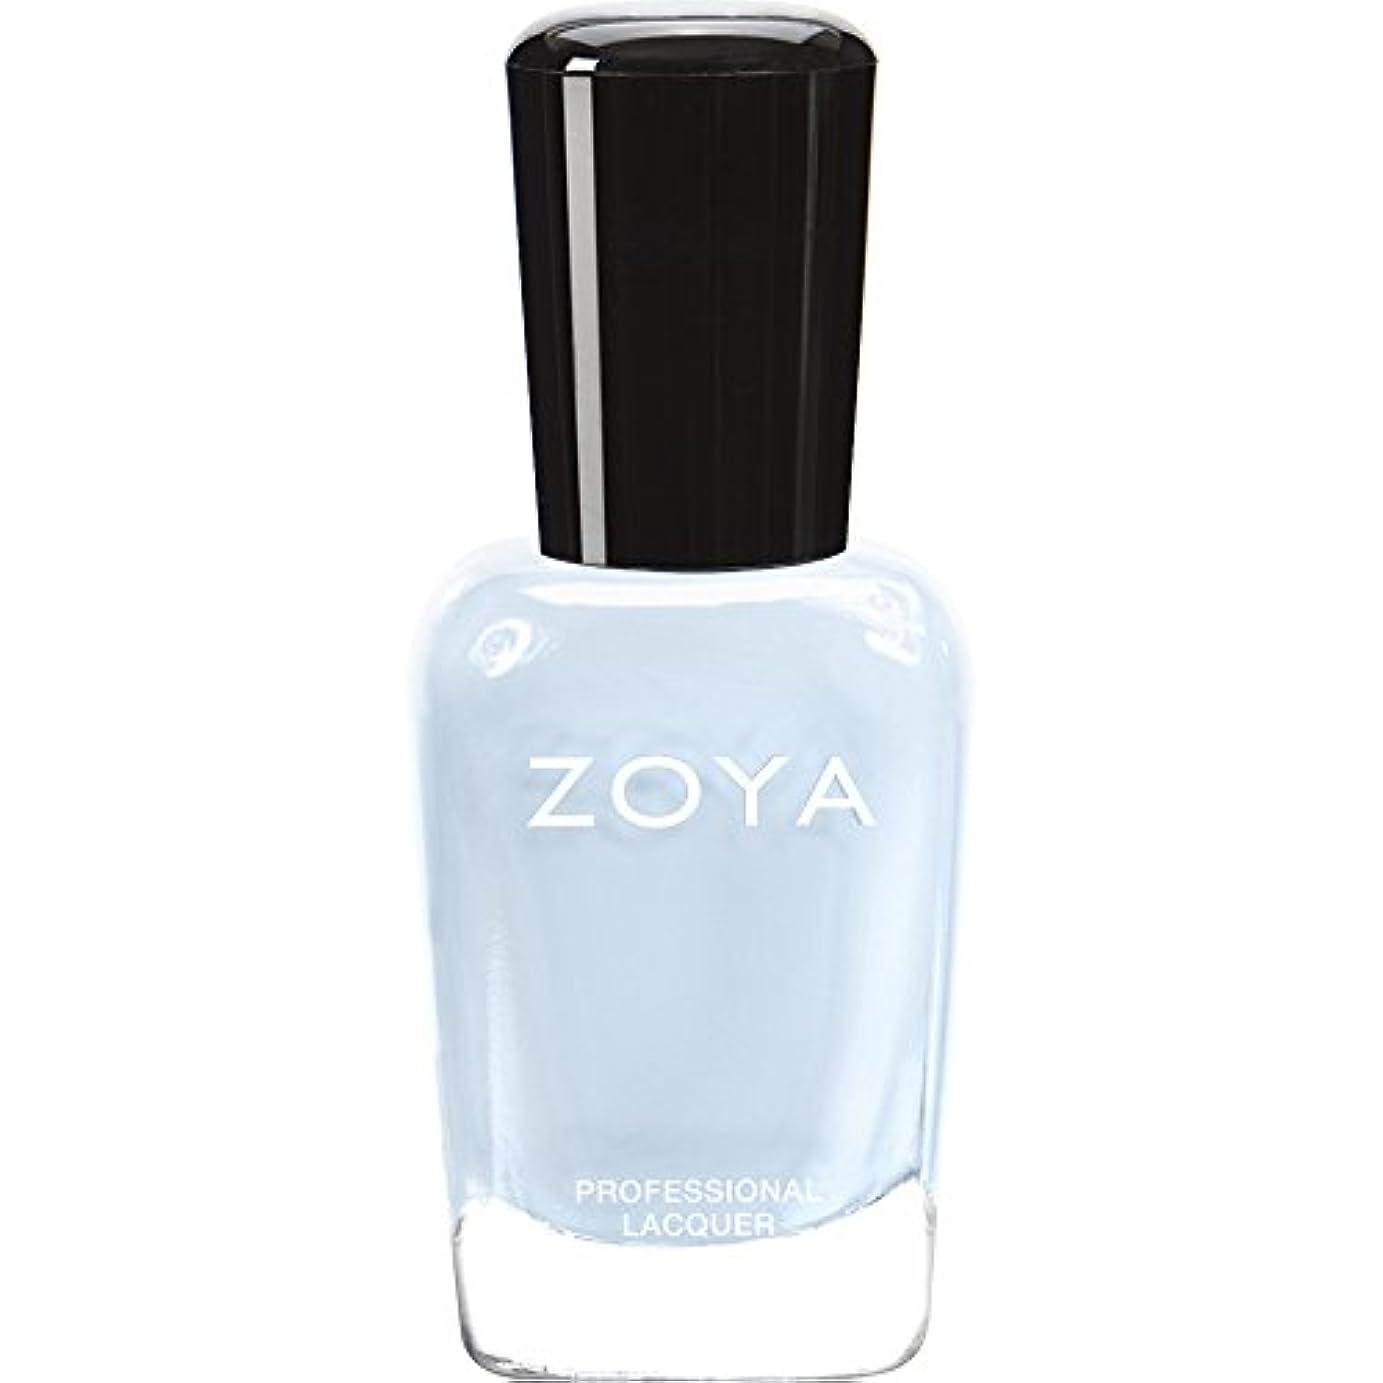 両方溶けた彫るZOYA ゾーヤ ネイルカラー ZP653 BLU ブルー 15ml  2012 LOVELY COLLECTION 光沢のある淡いベビーブルー マット 爪にやさしいネイルラッカーマニキュア